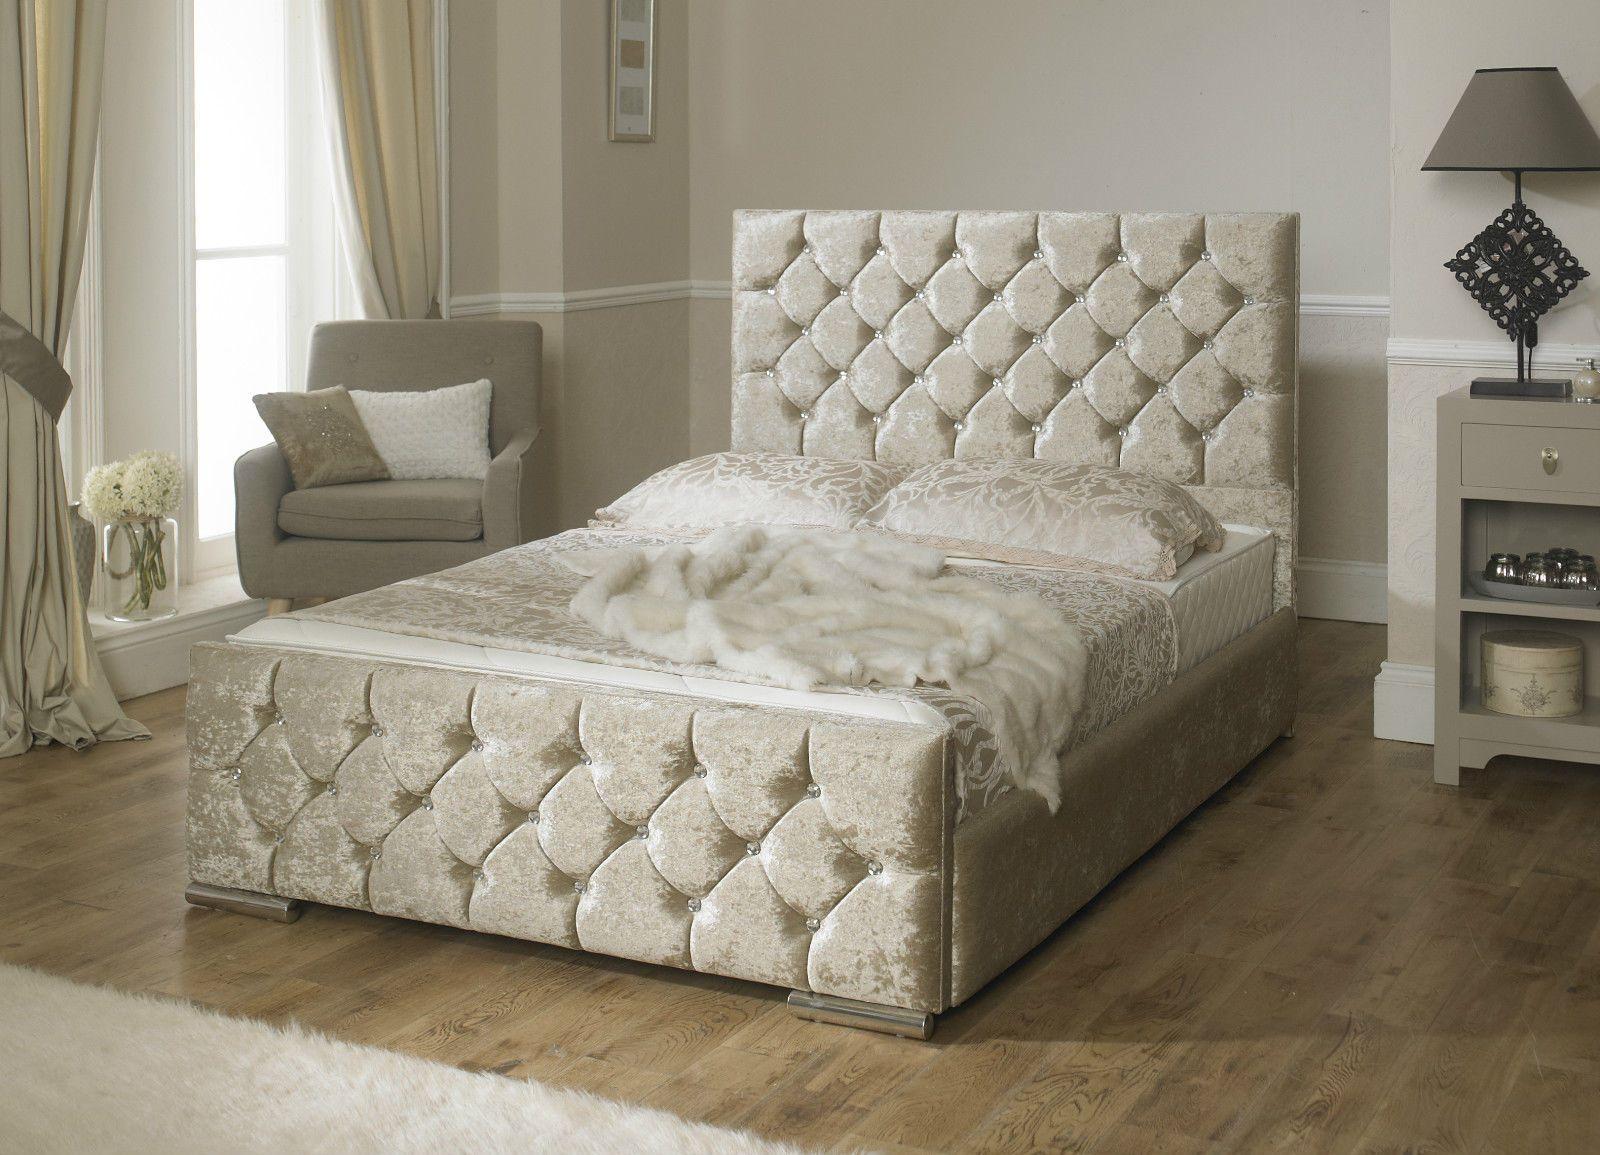 monoco fabric velvet upholstered bed frame storage 3ft 4u00276 double 5u0027 king size